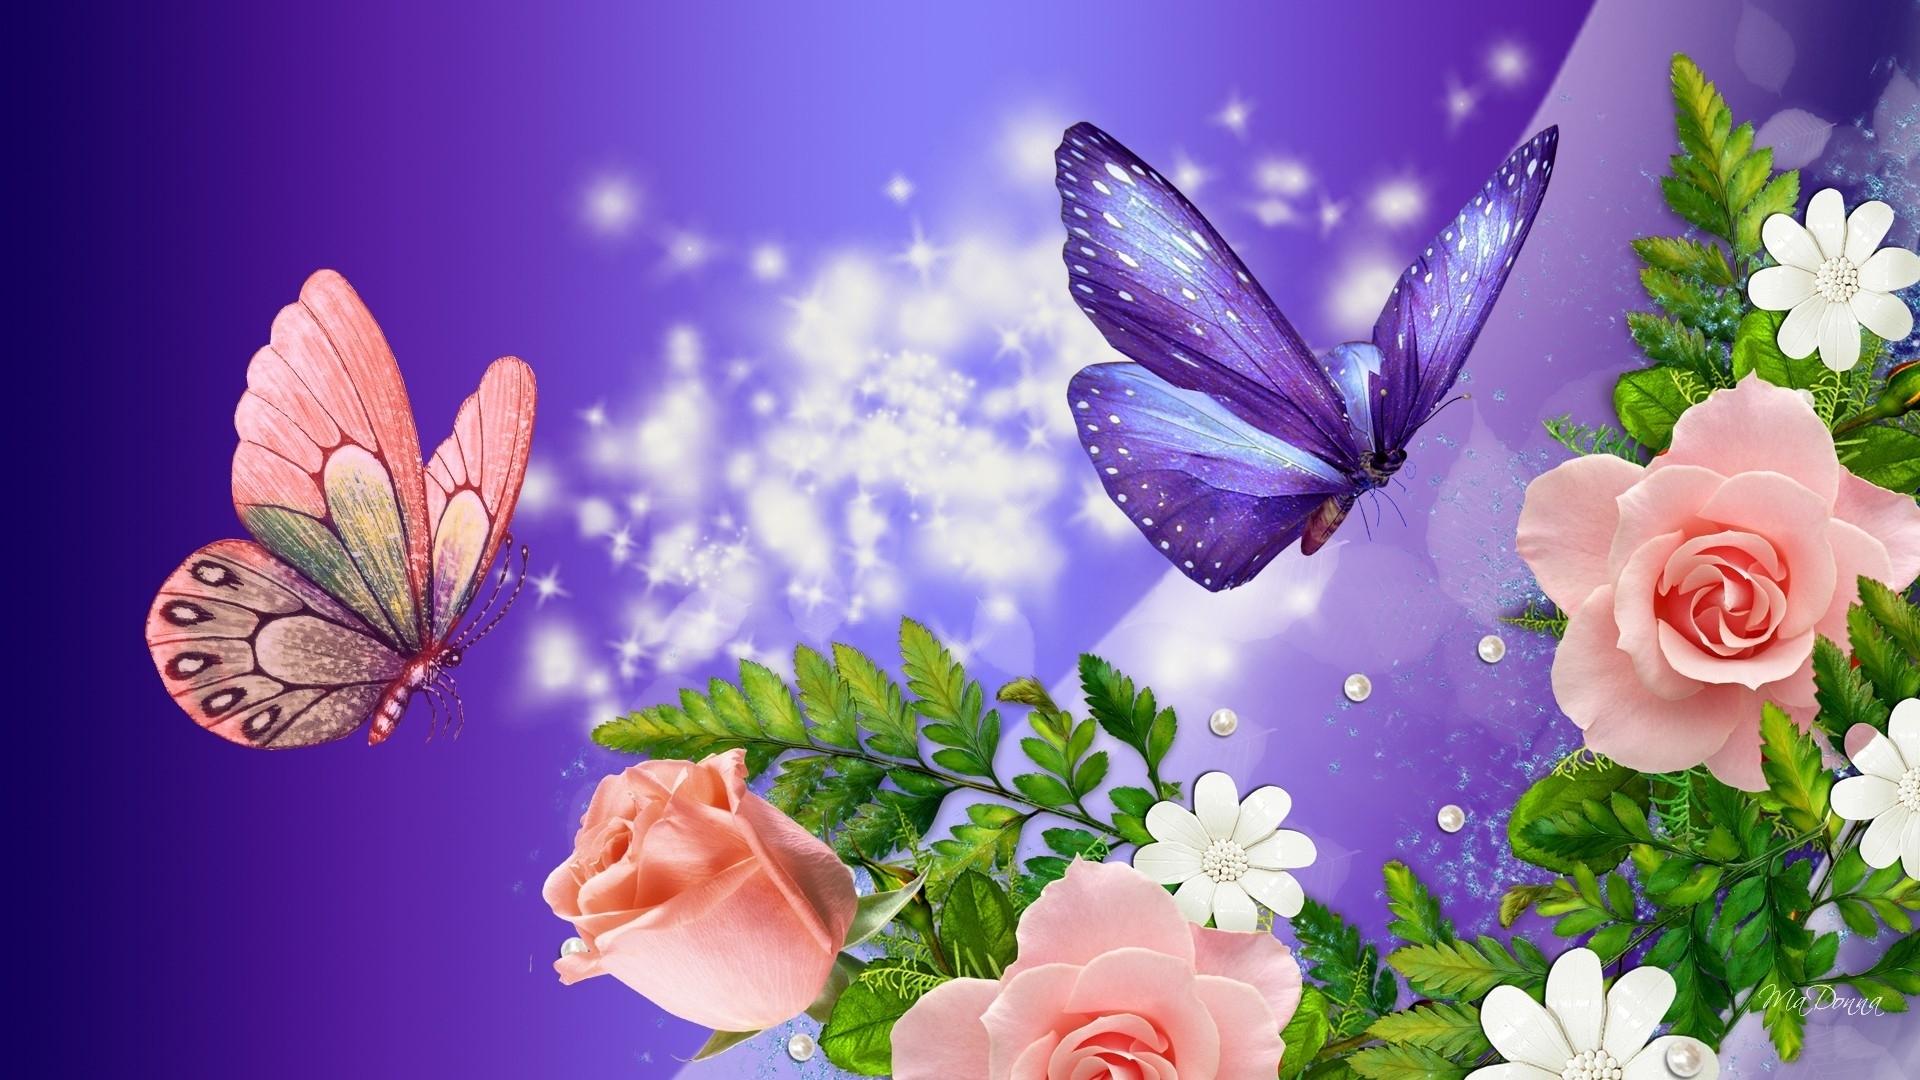 desktop hd nature flower rose ilcom on wallpaper images for